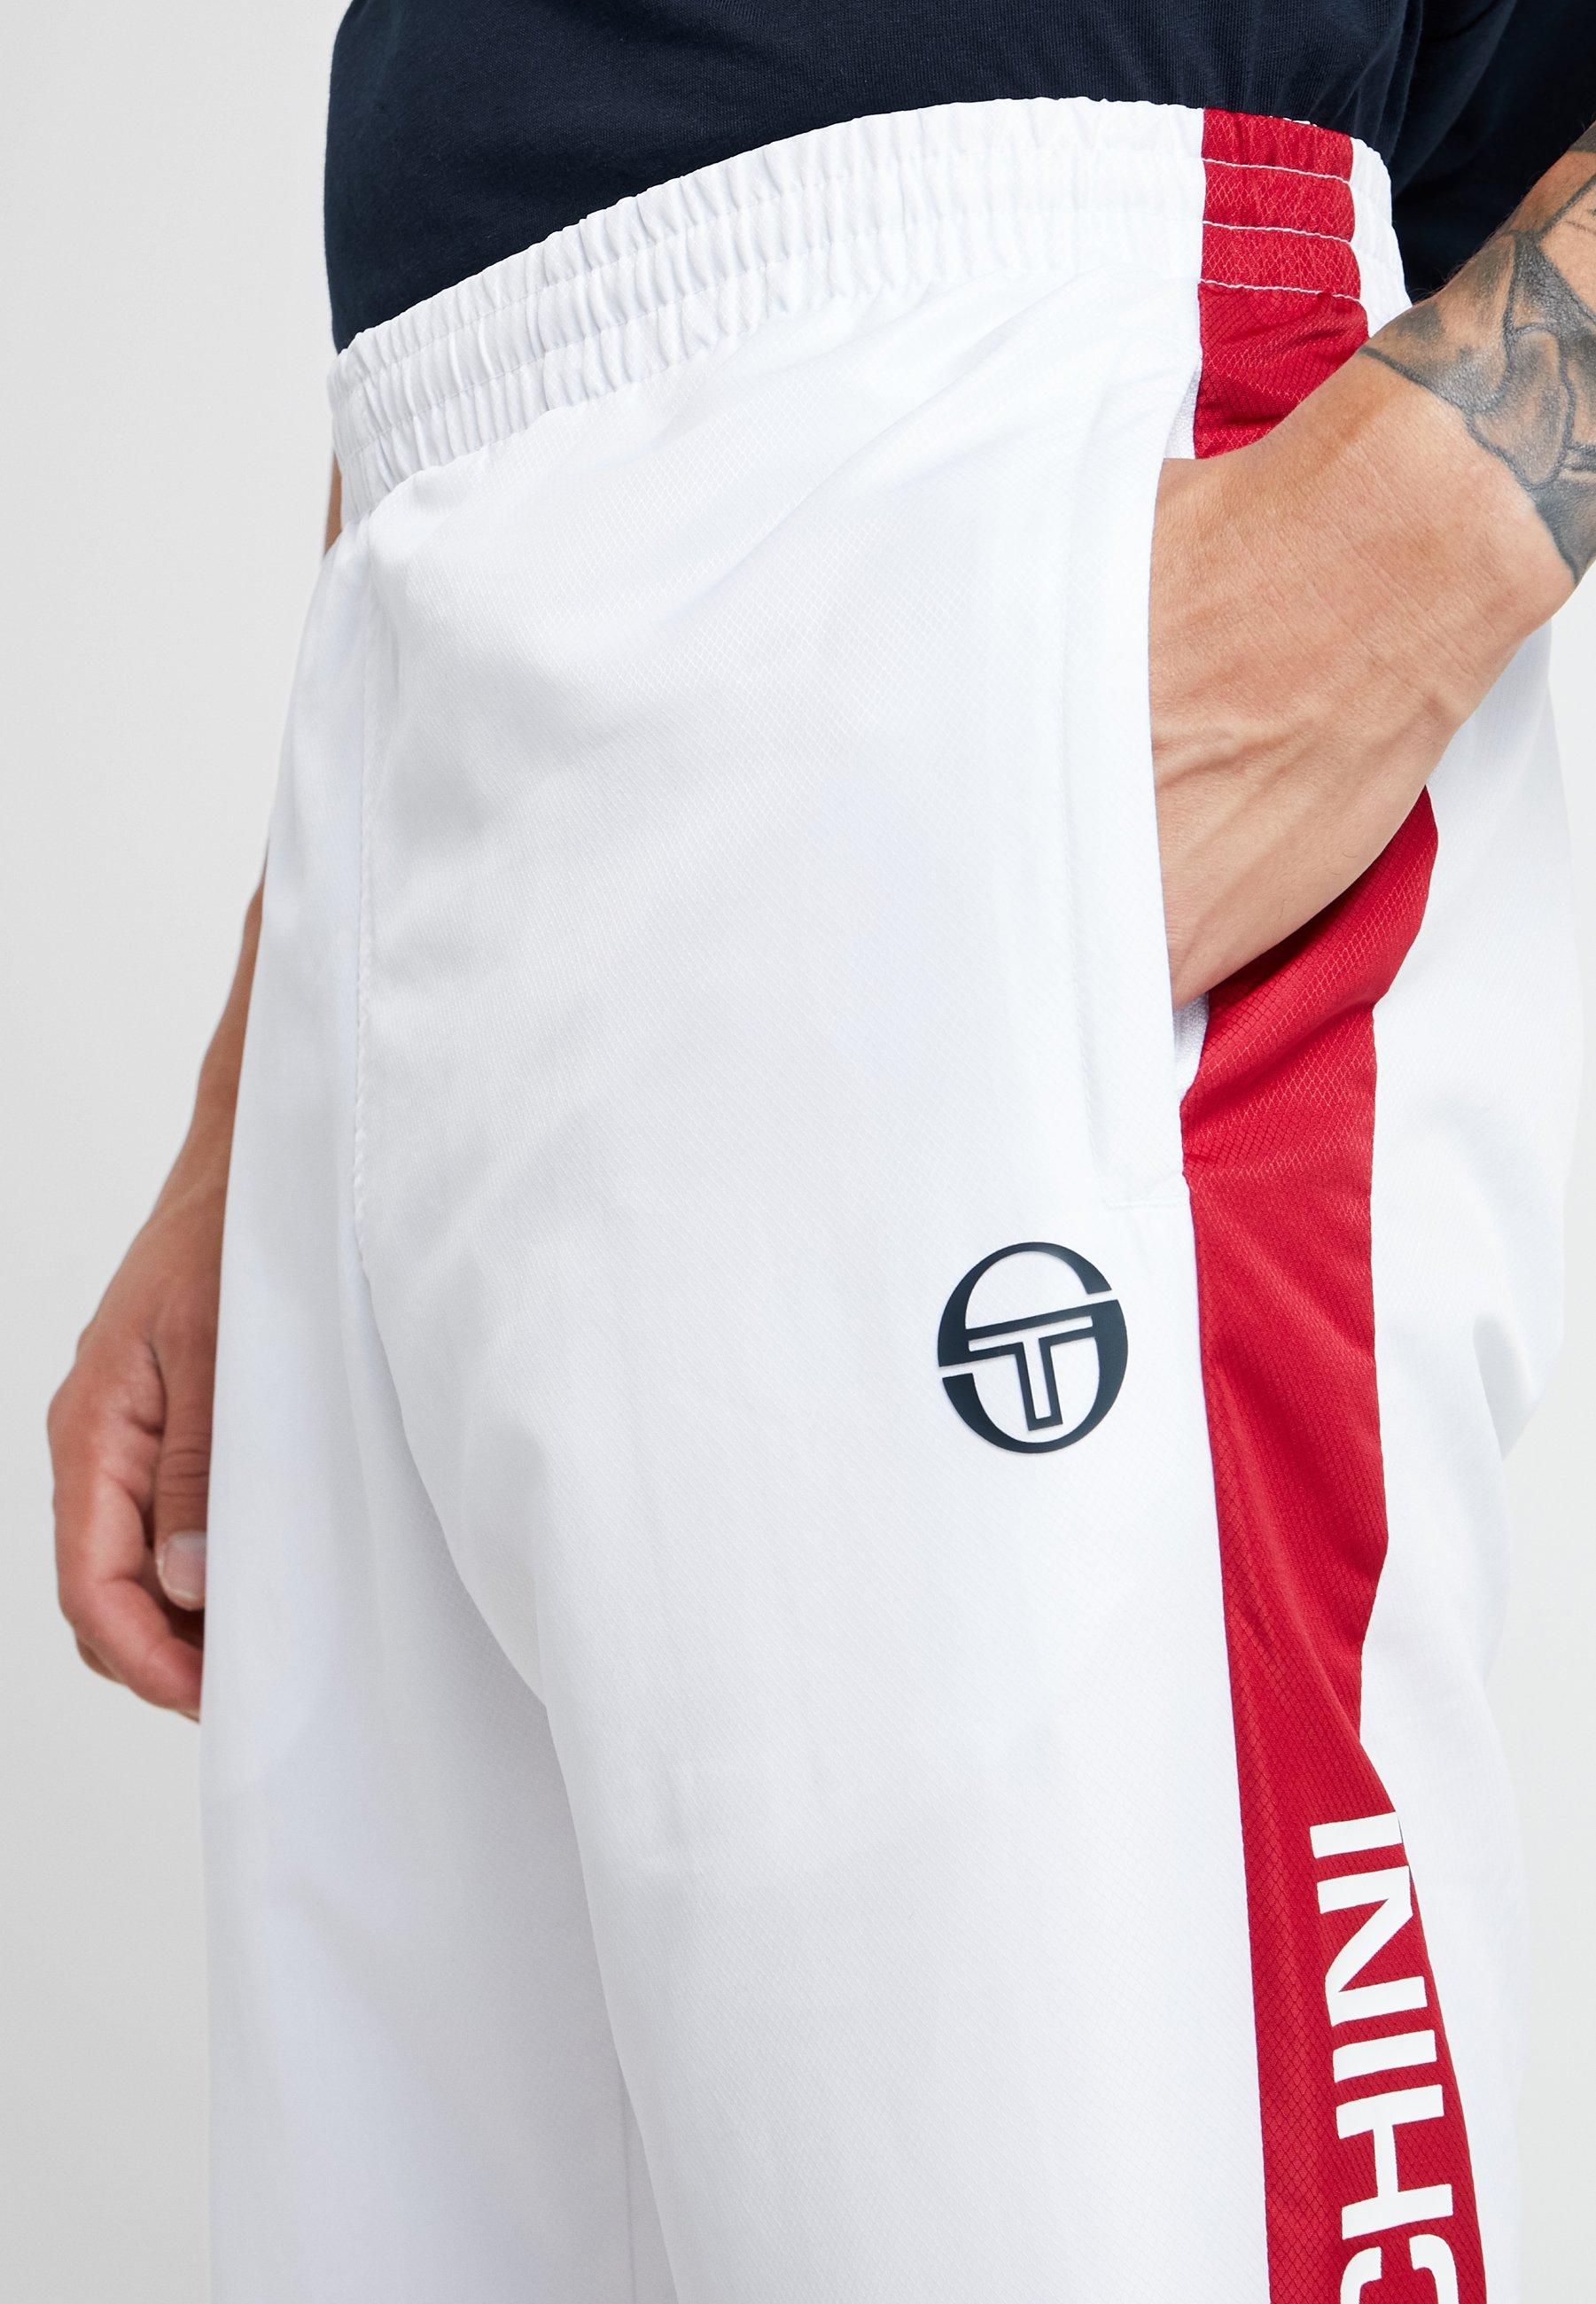 Sportivi Sergio red PantsPantaloni White Tacchini Deane FT1uK5clJ3